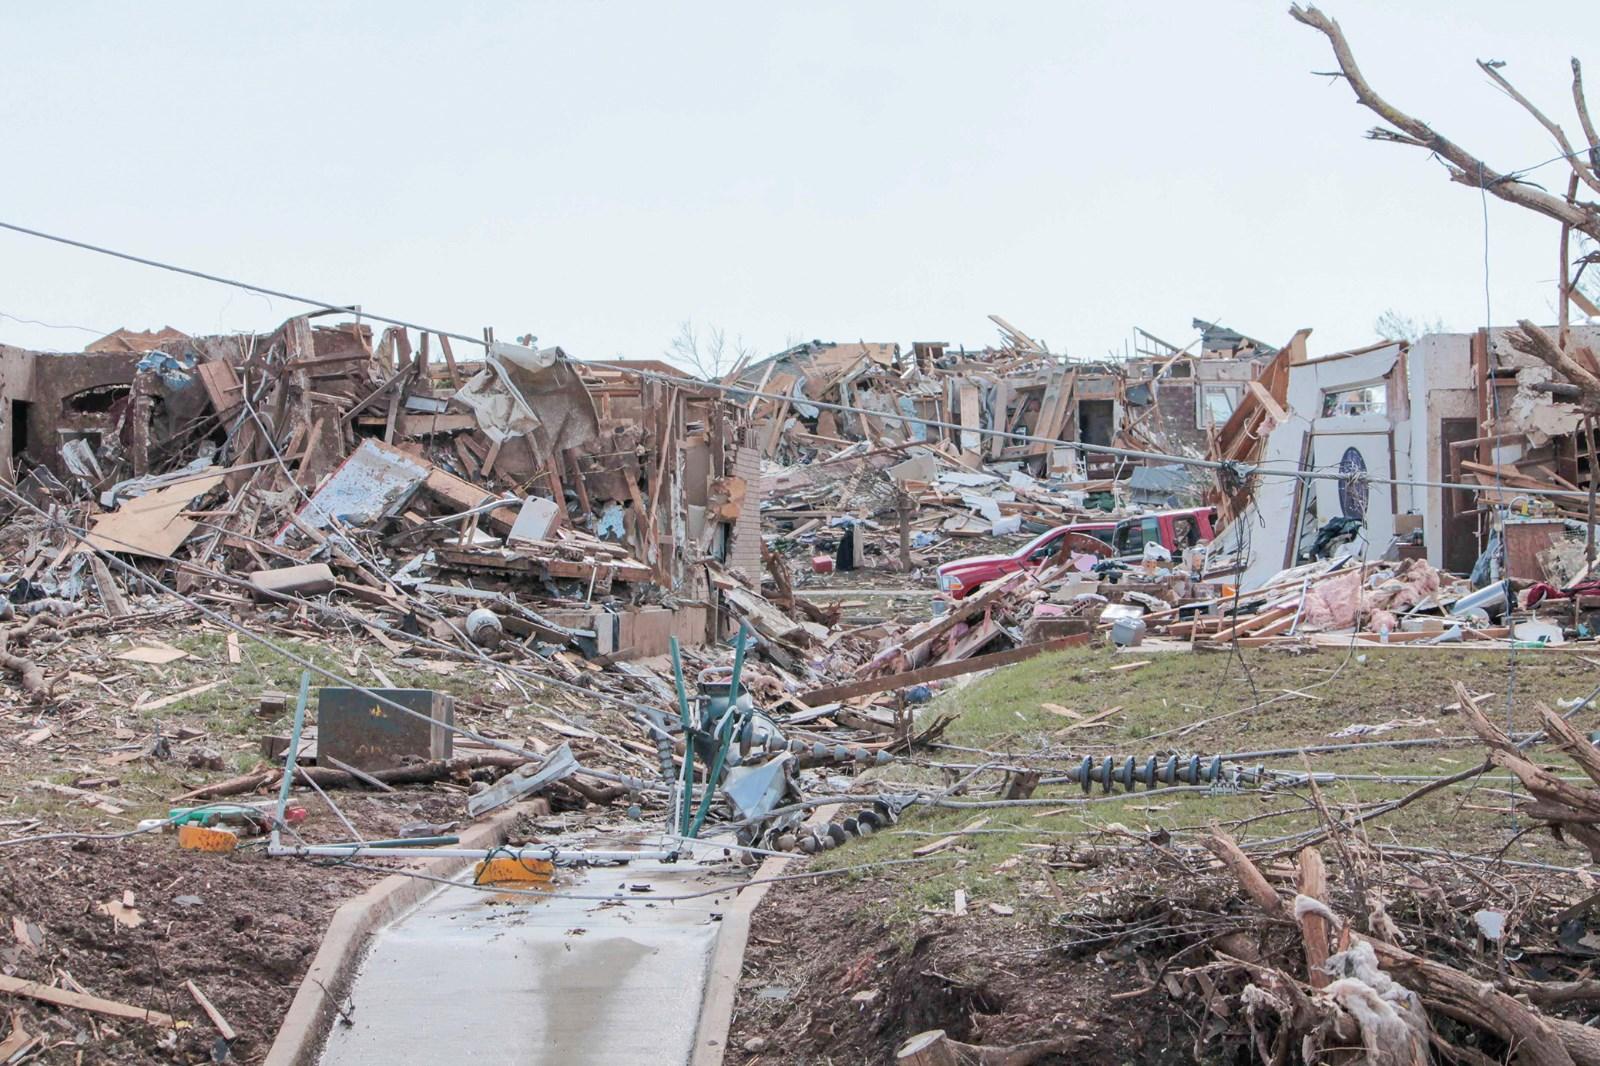 3---扫描被破坏的建筑物和瓦砾.jpg